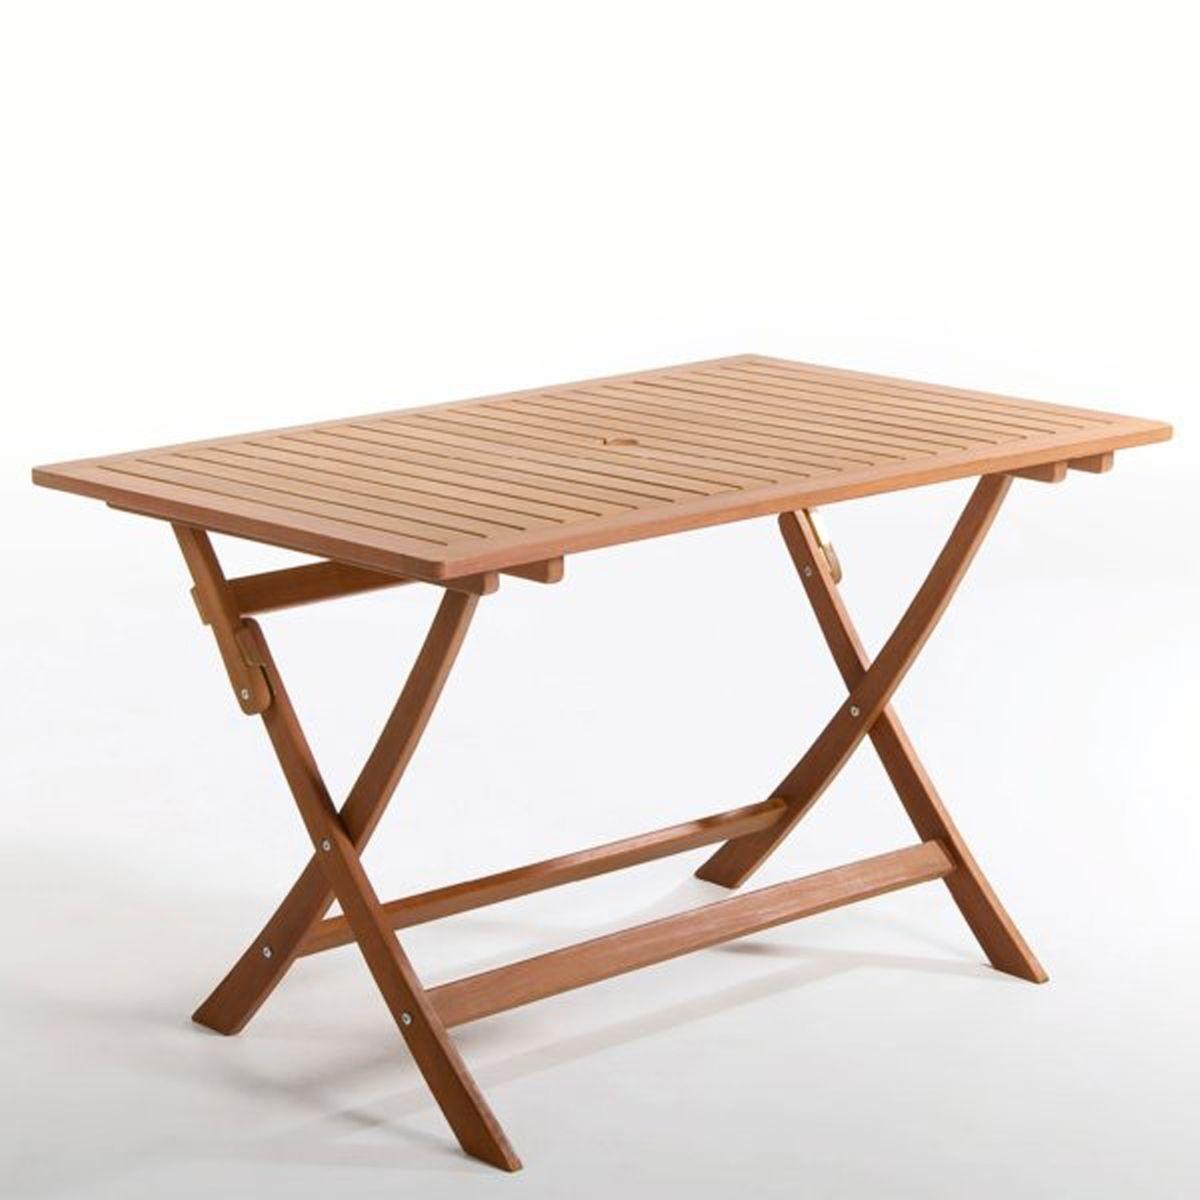 La Redoute Table rectangulaire pliante - LA REDOUTE INTERIEURS